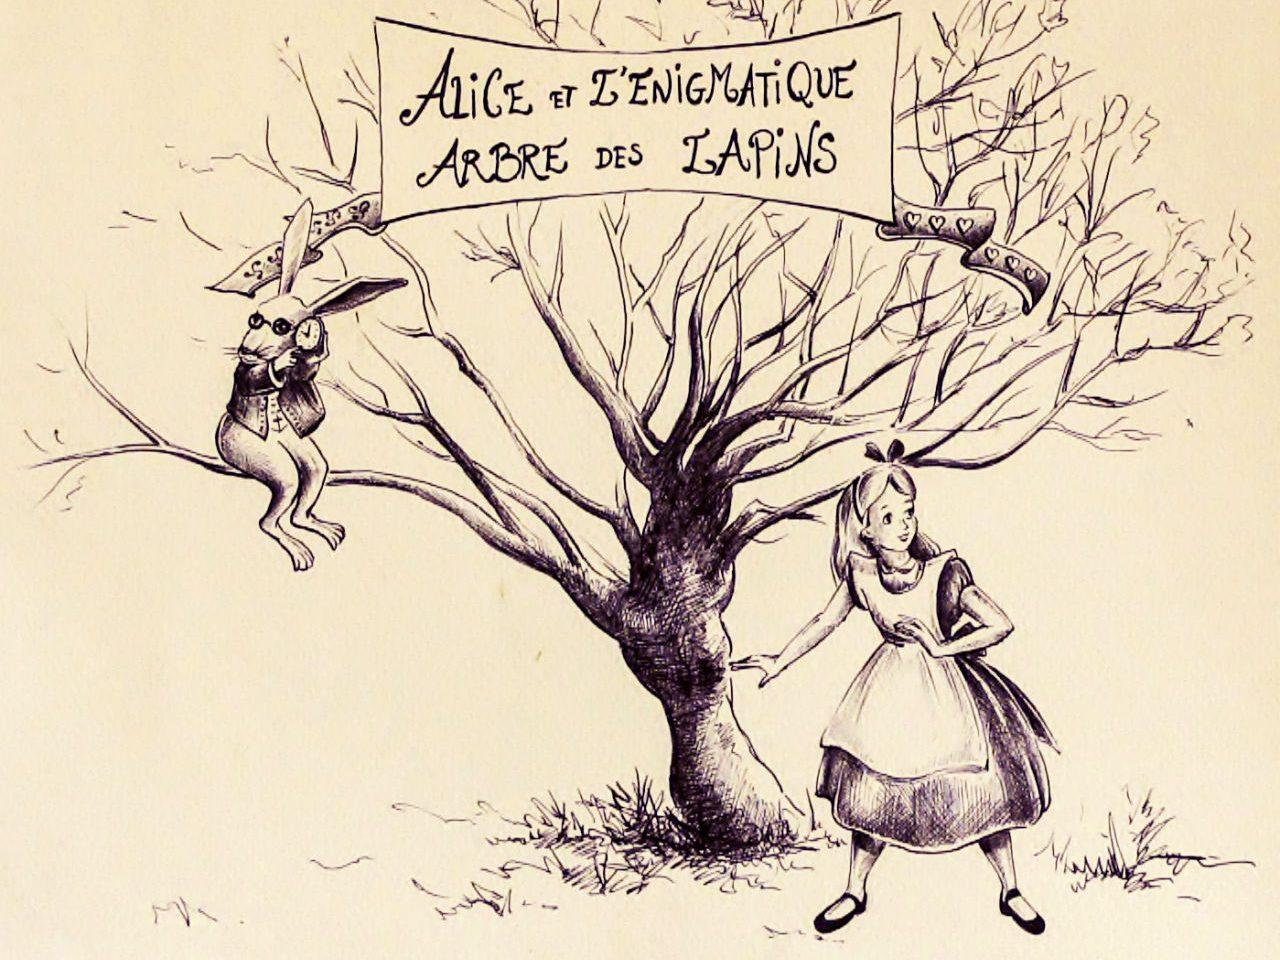 Alice et l'énigmatique arbre des lapins 2014